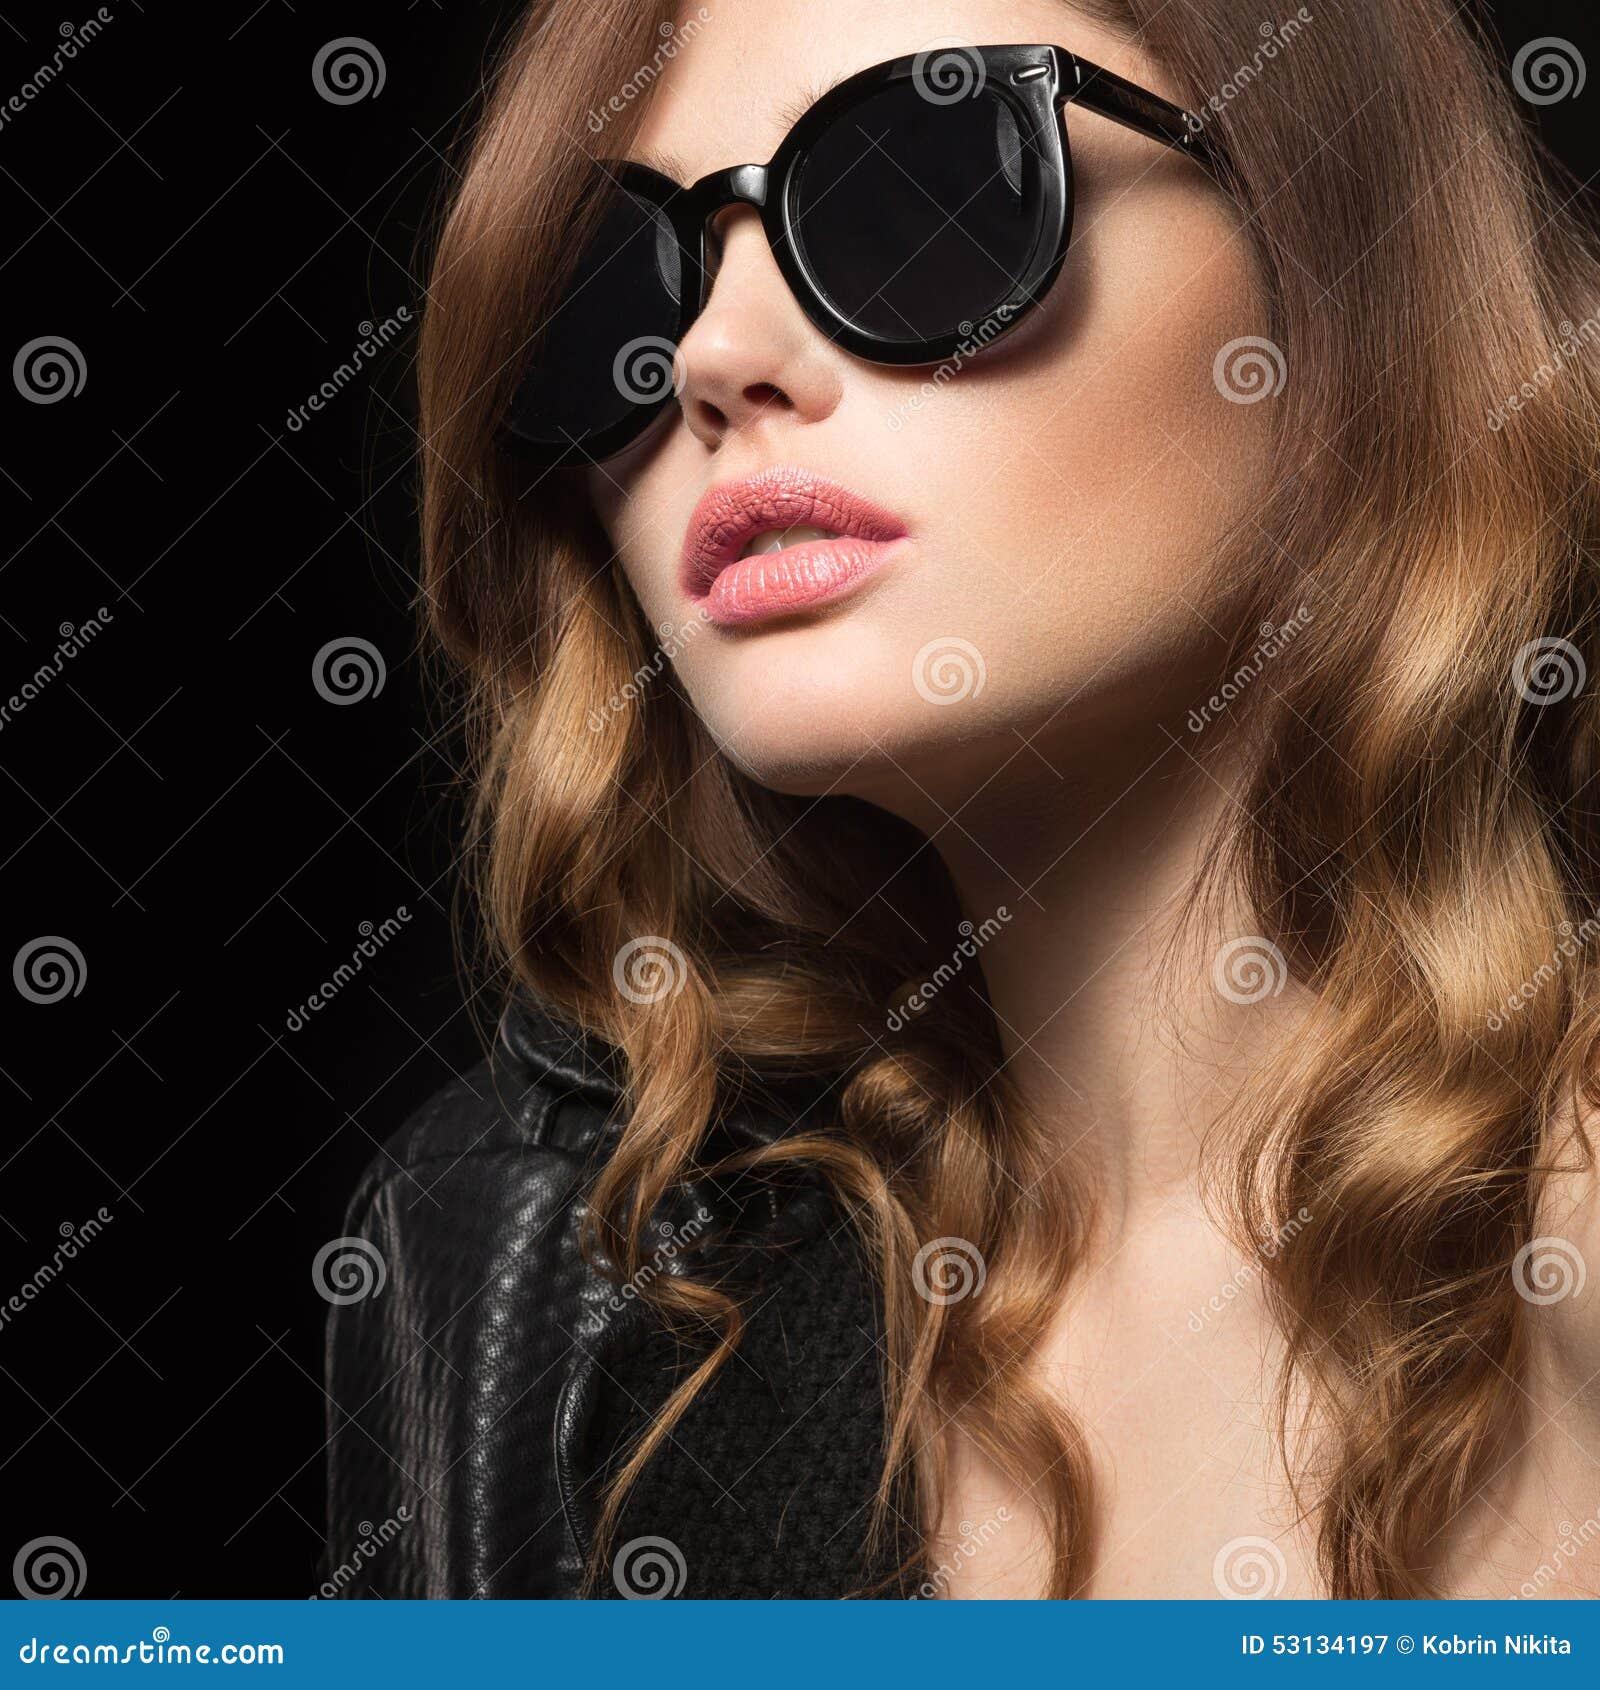 Фотки на аву для девушек с очками